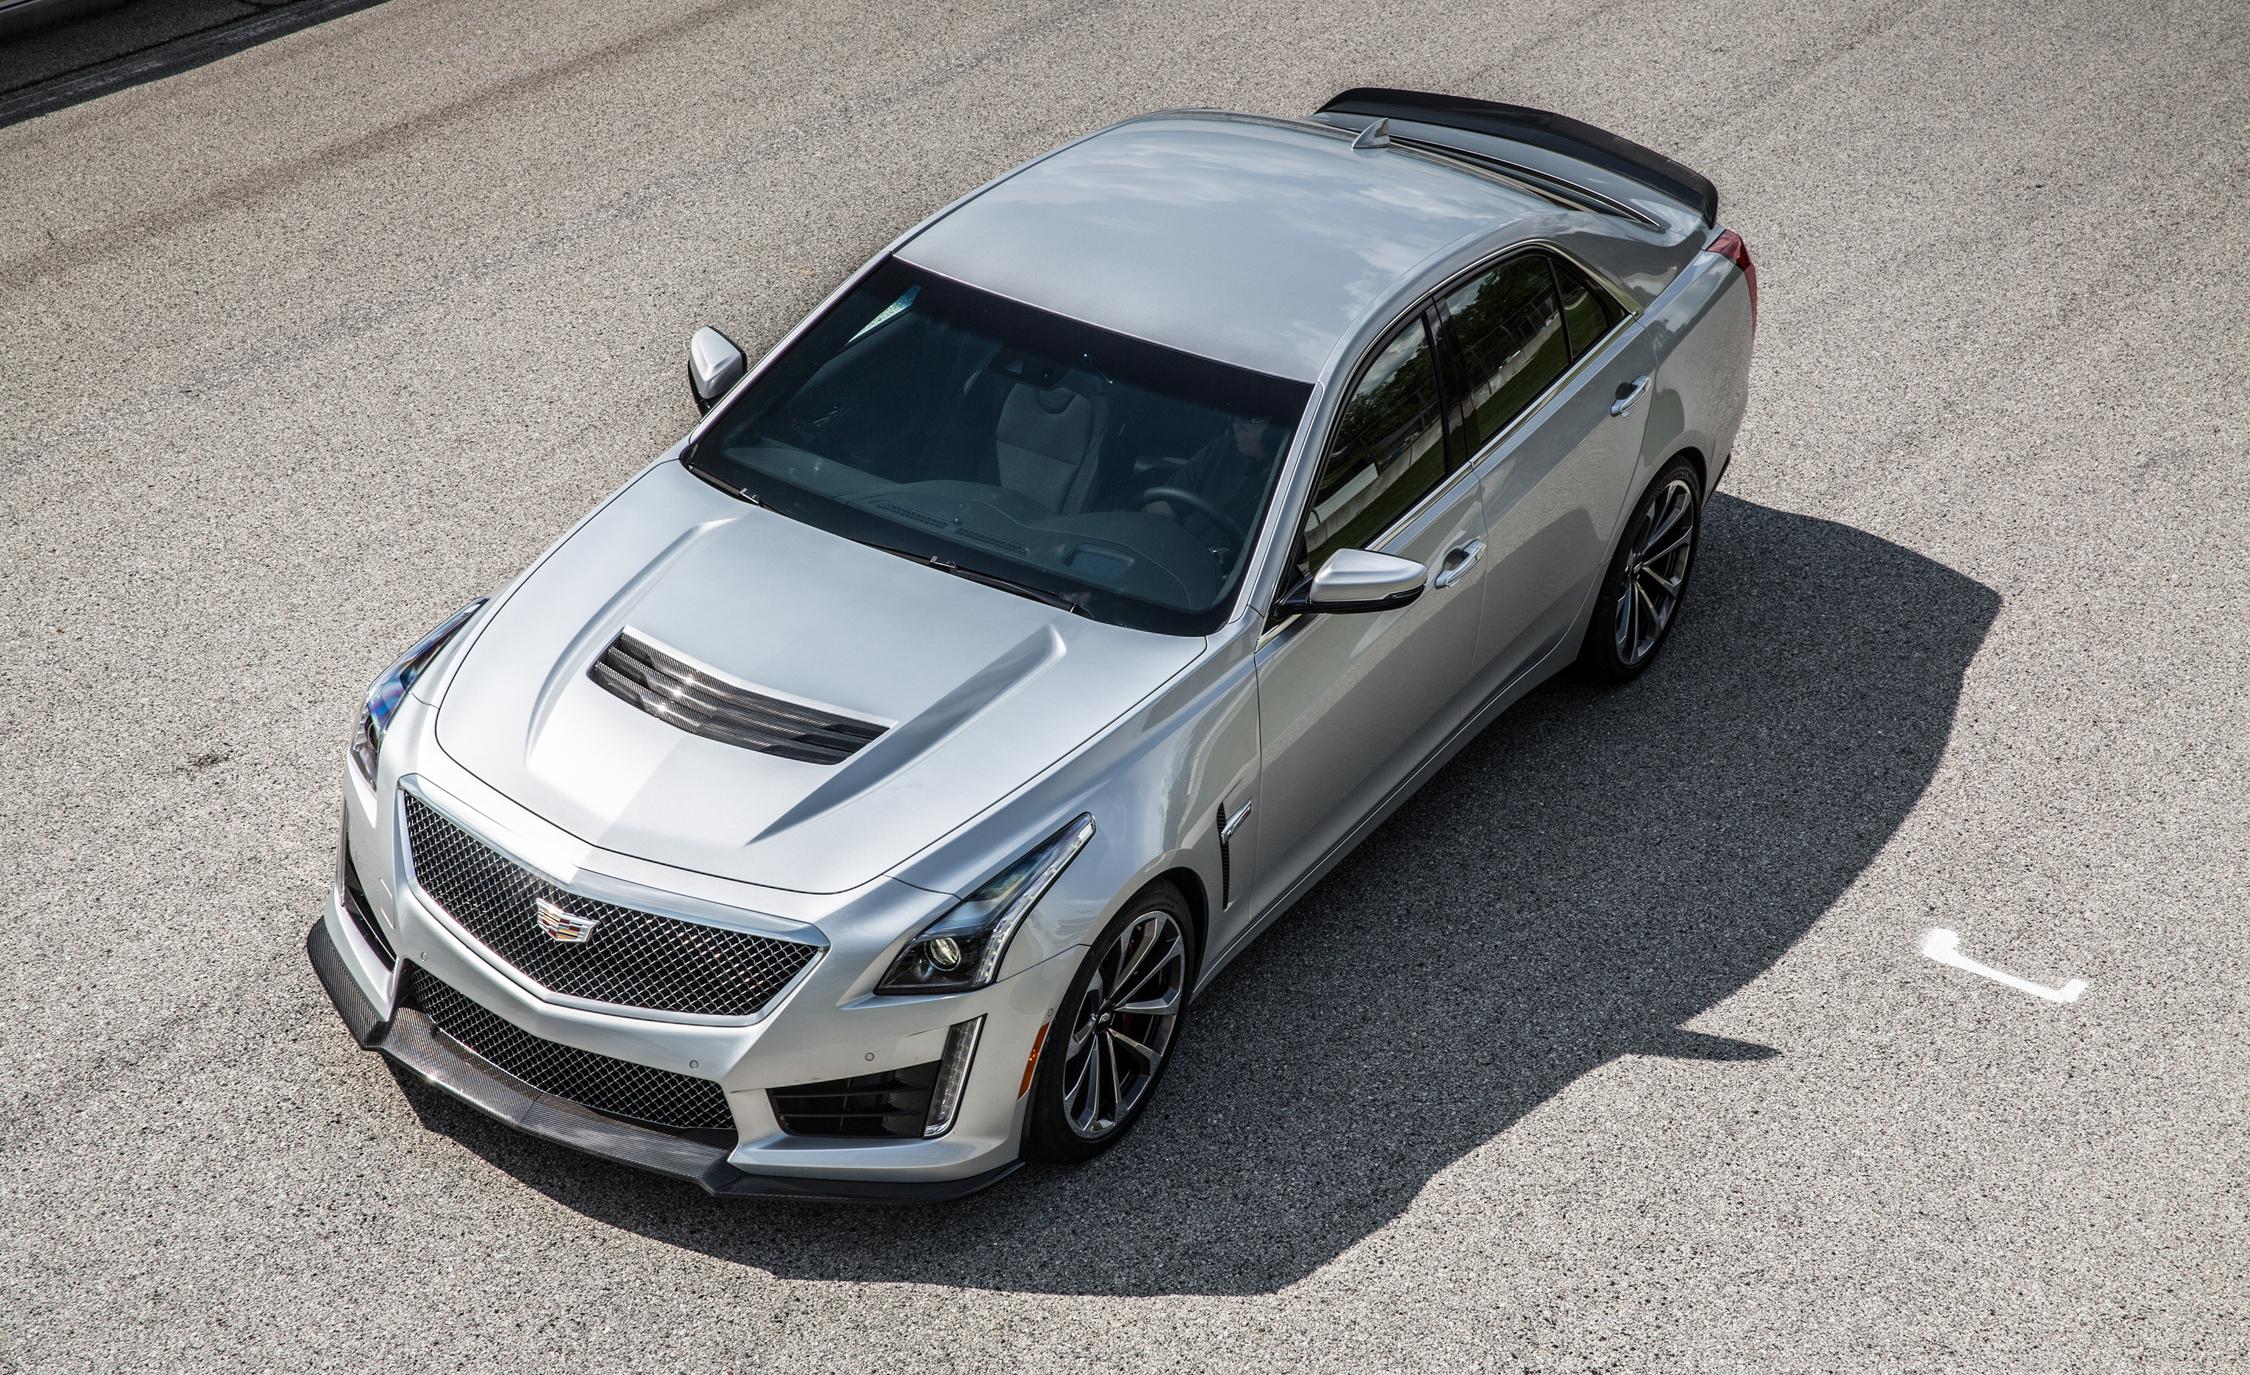 2016 Cadillac CTS-V Font Top View